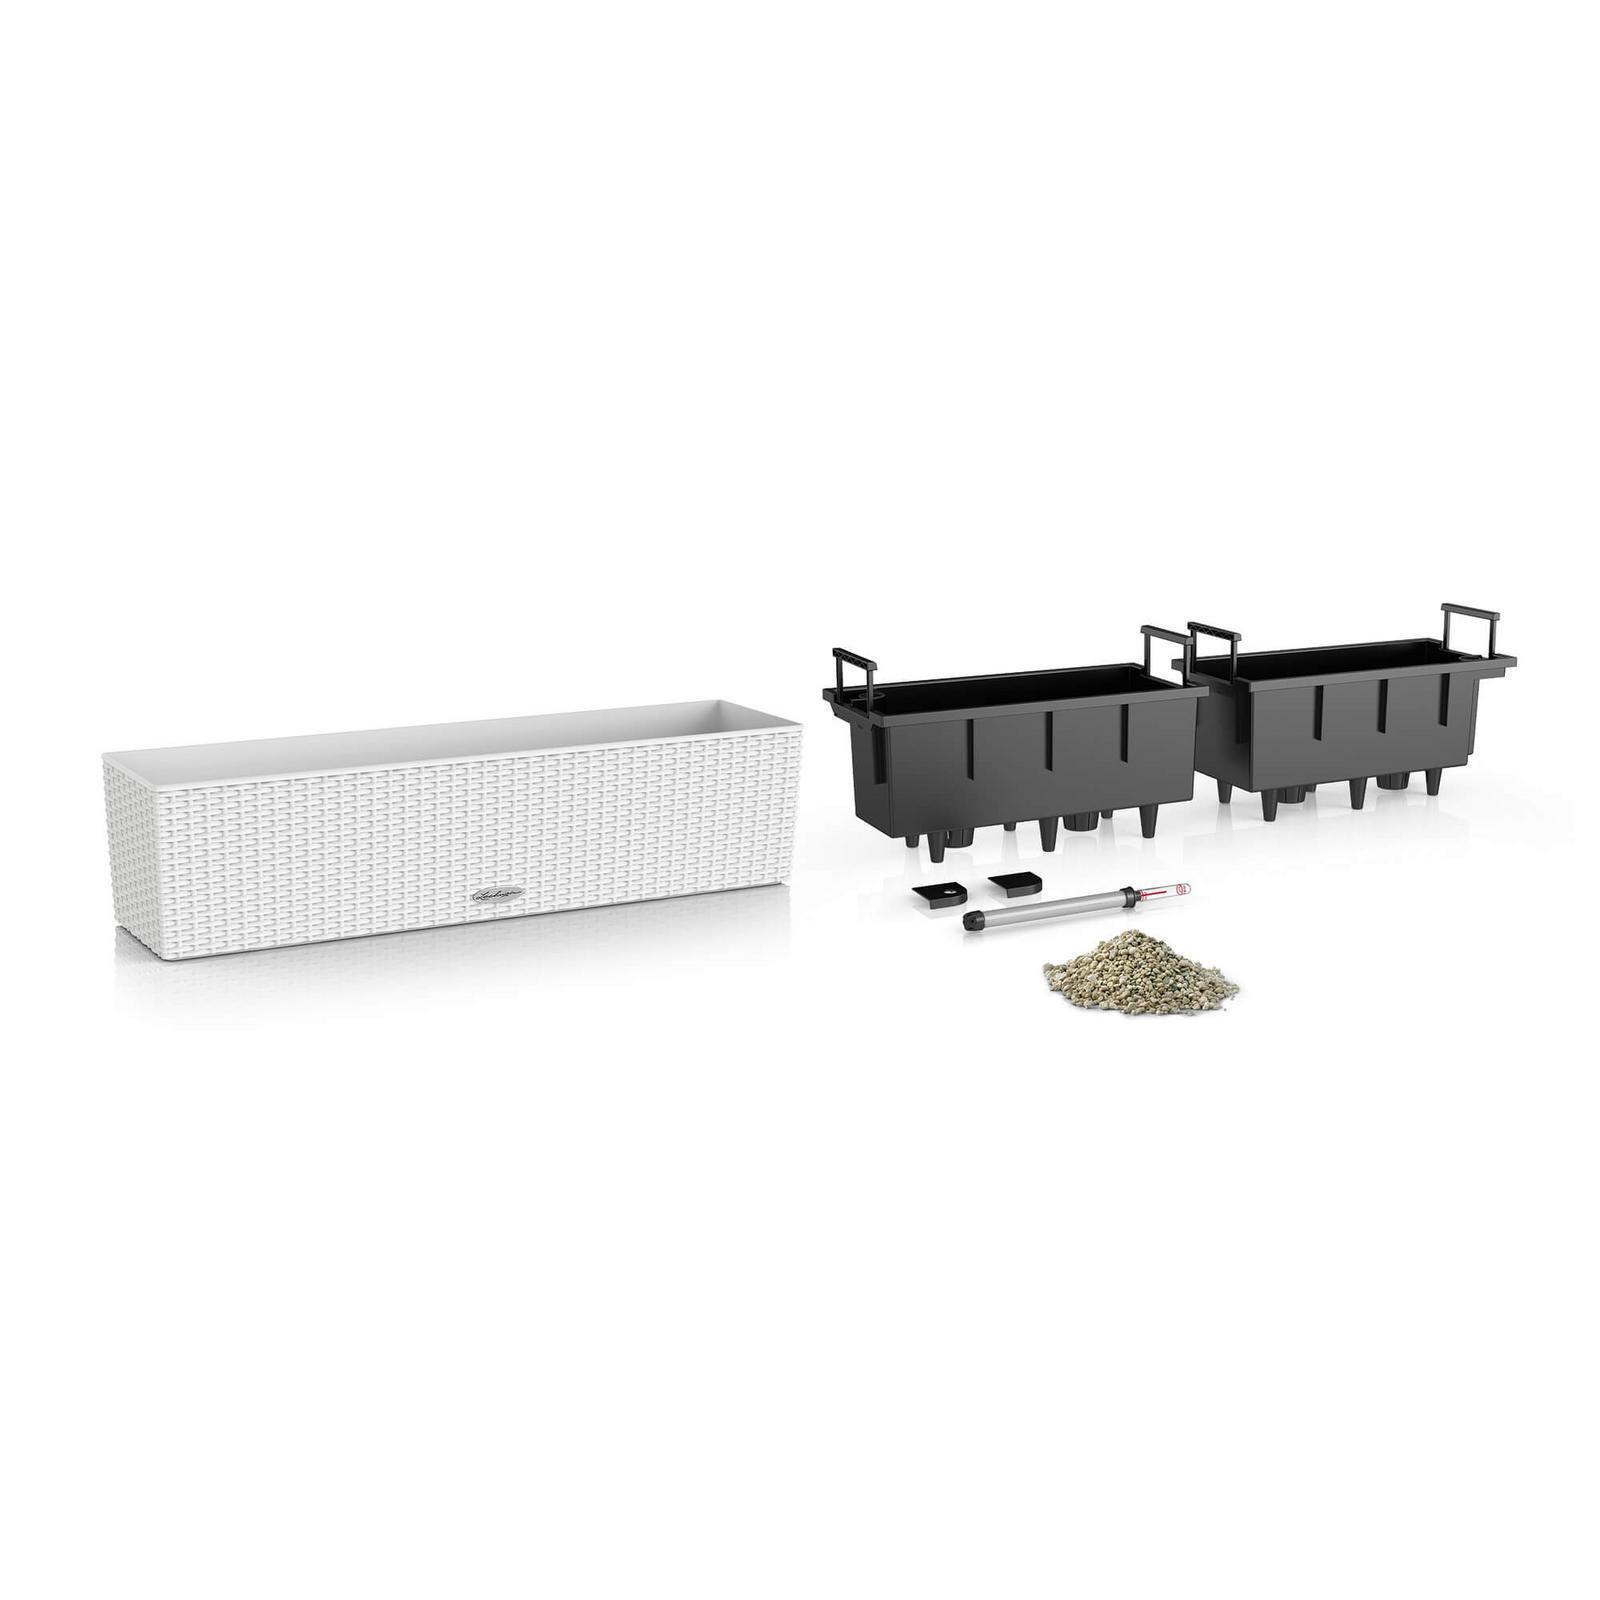 Cassetta portafiori Cottage in plastica colore grigio H 19 x L 19 x P 80 cm - 3